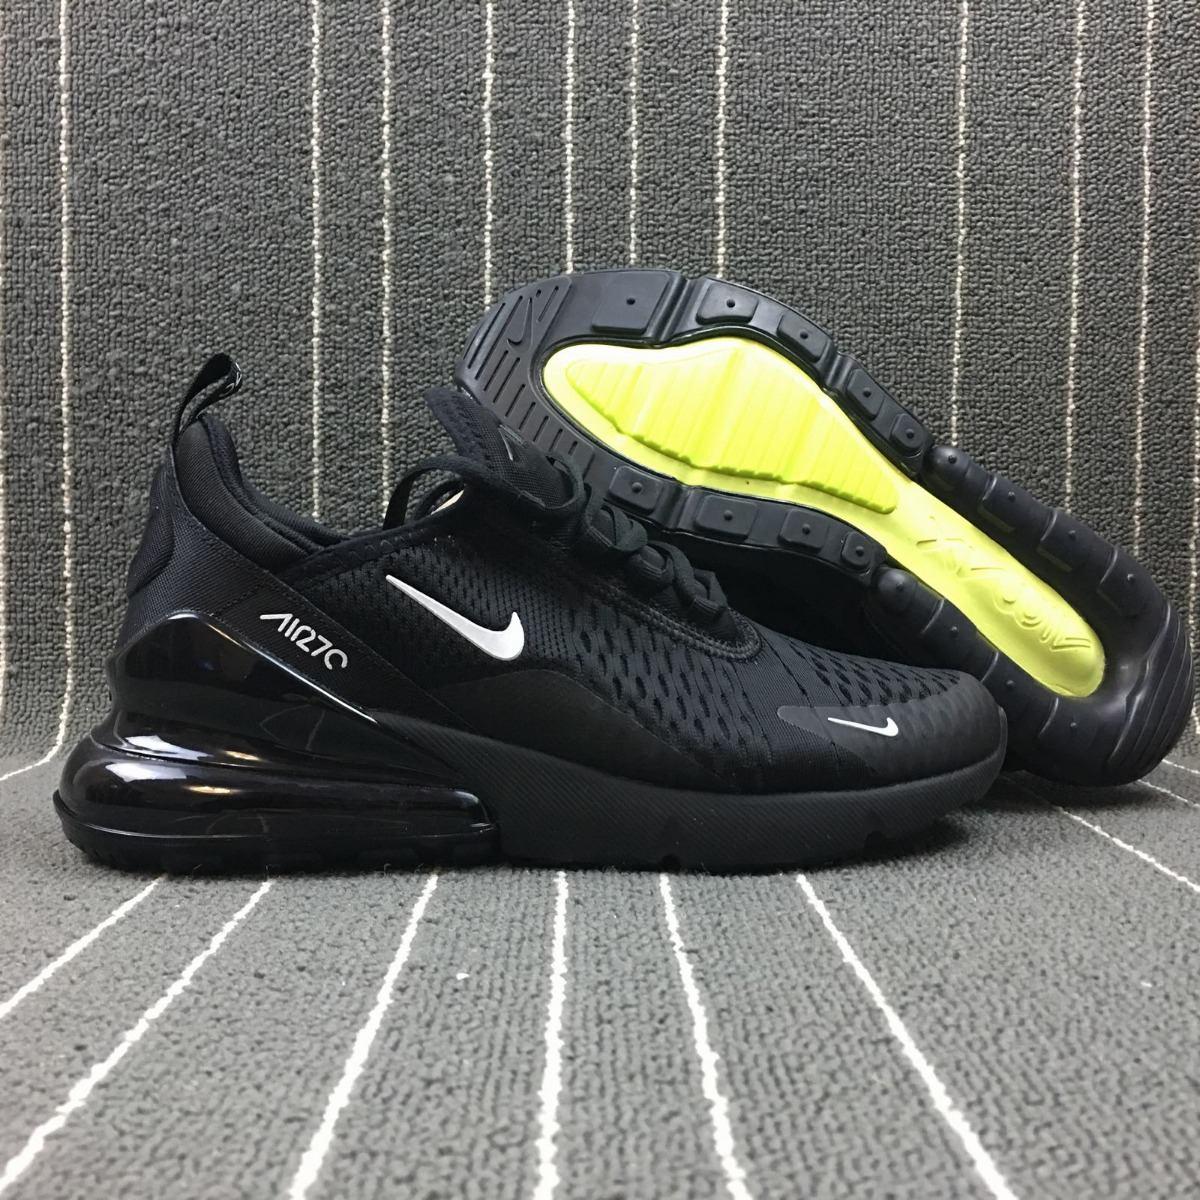 Zapatillas Nike Air Max 270 Negro  Blanco 40 45  00 en